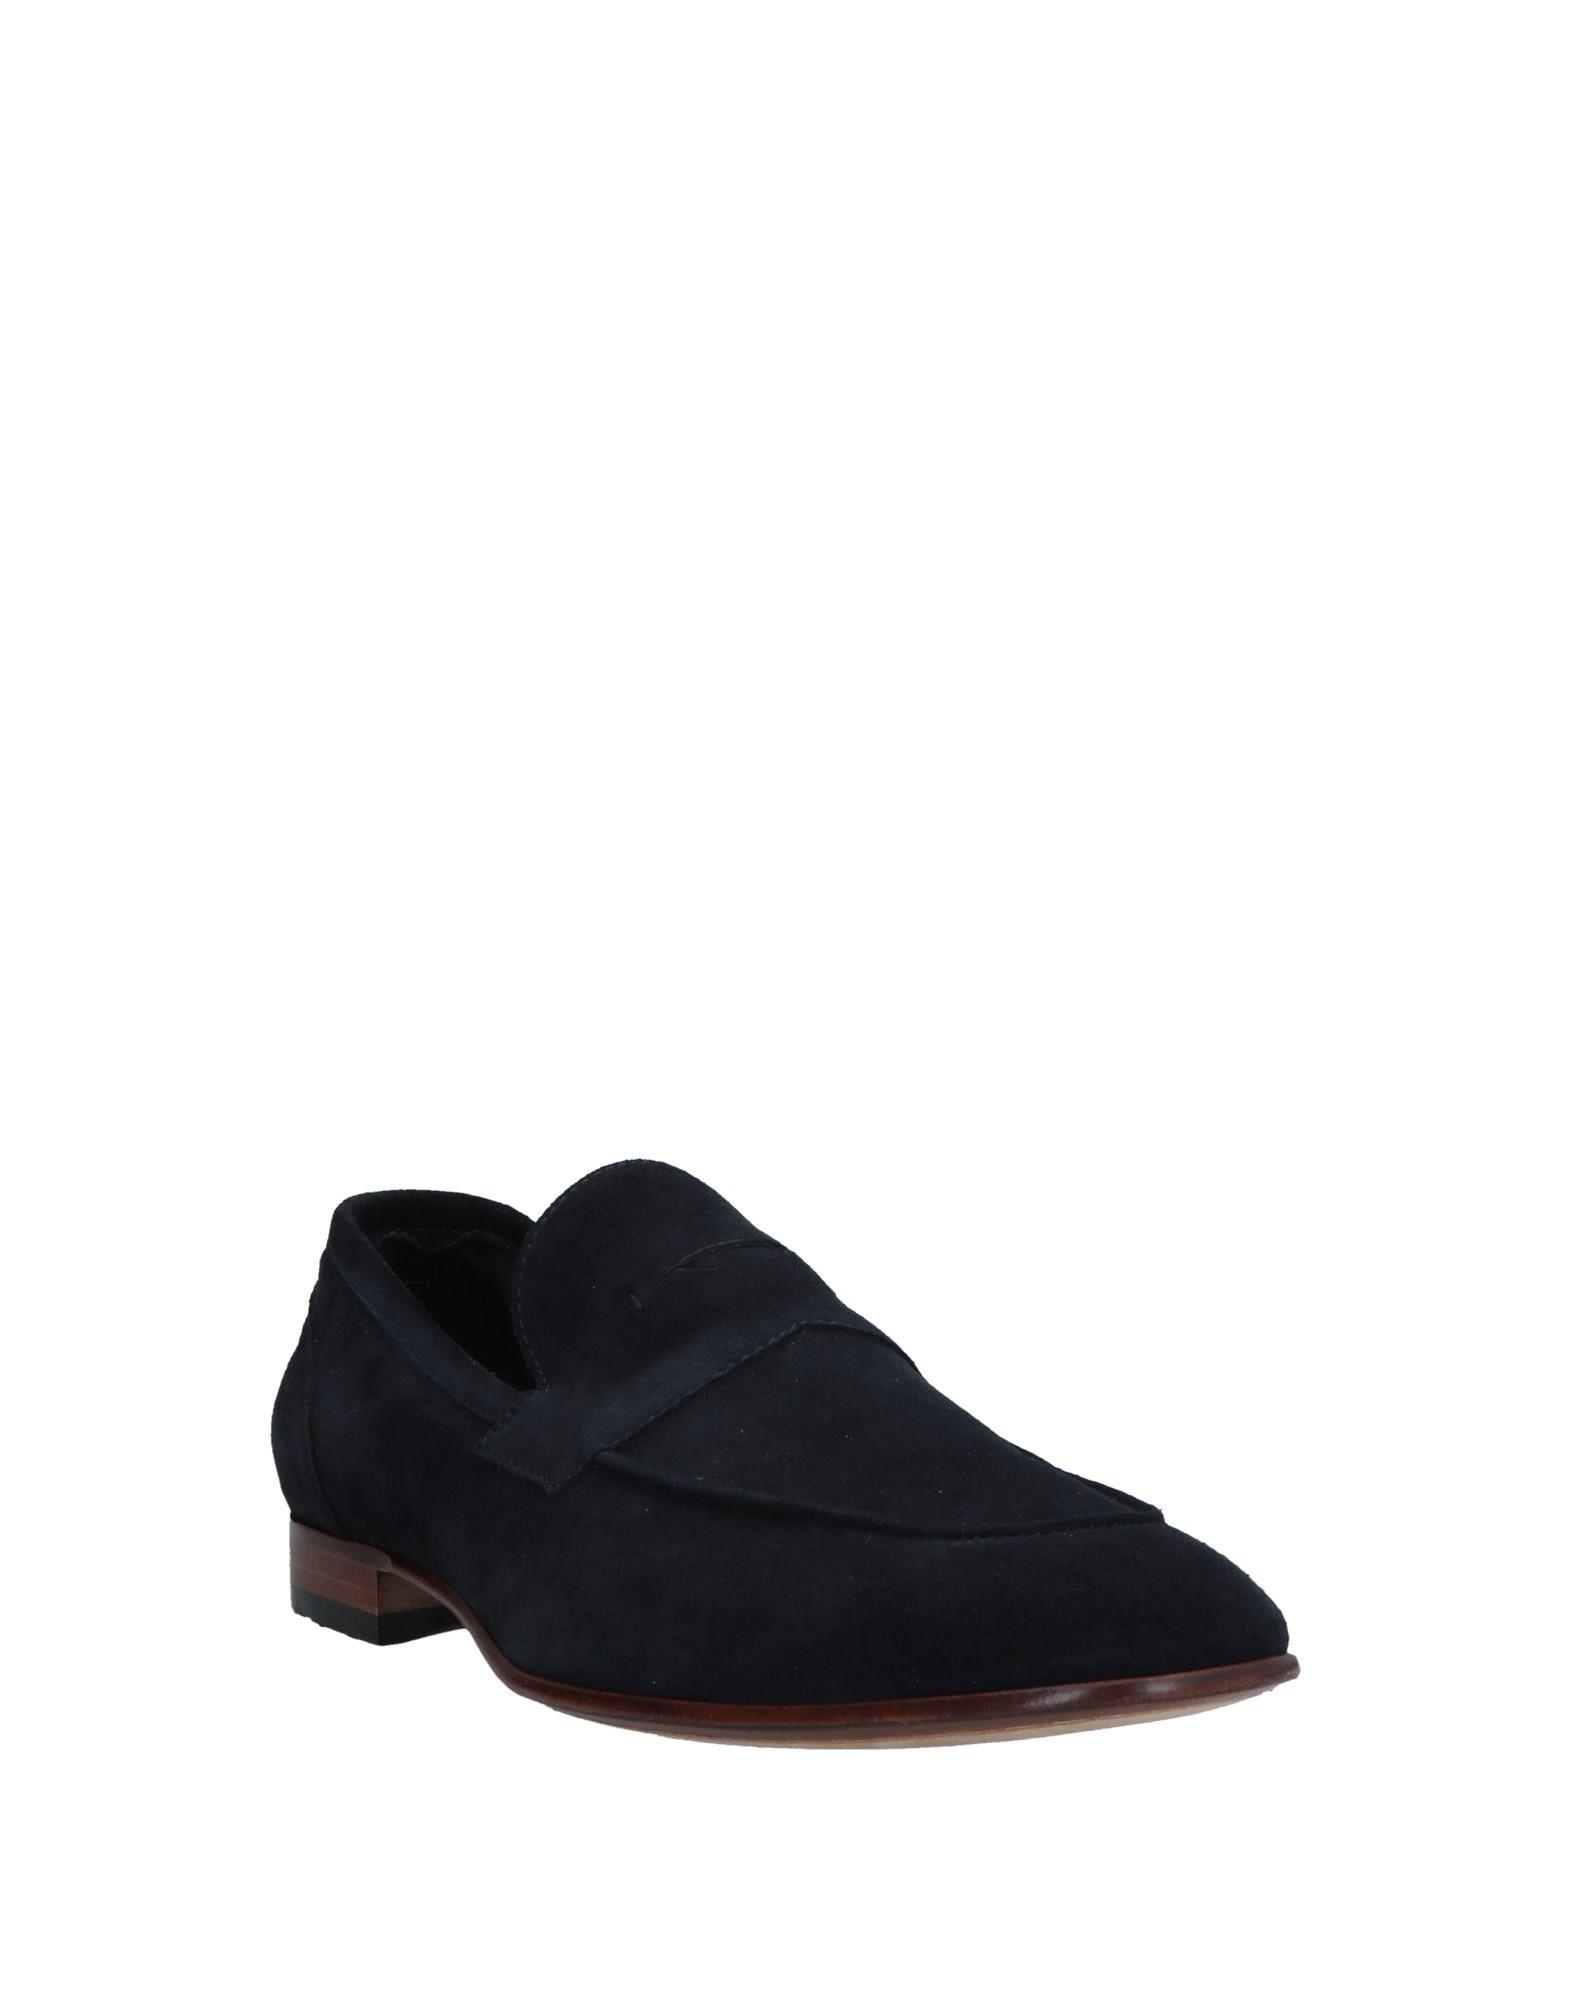 Boss Black Mokassins Herren  Schuhe 11571062NC Gute Qualität beliebte Schuhe  d363b9